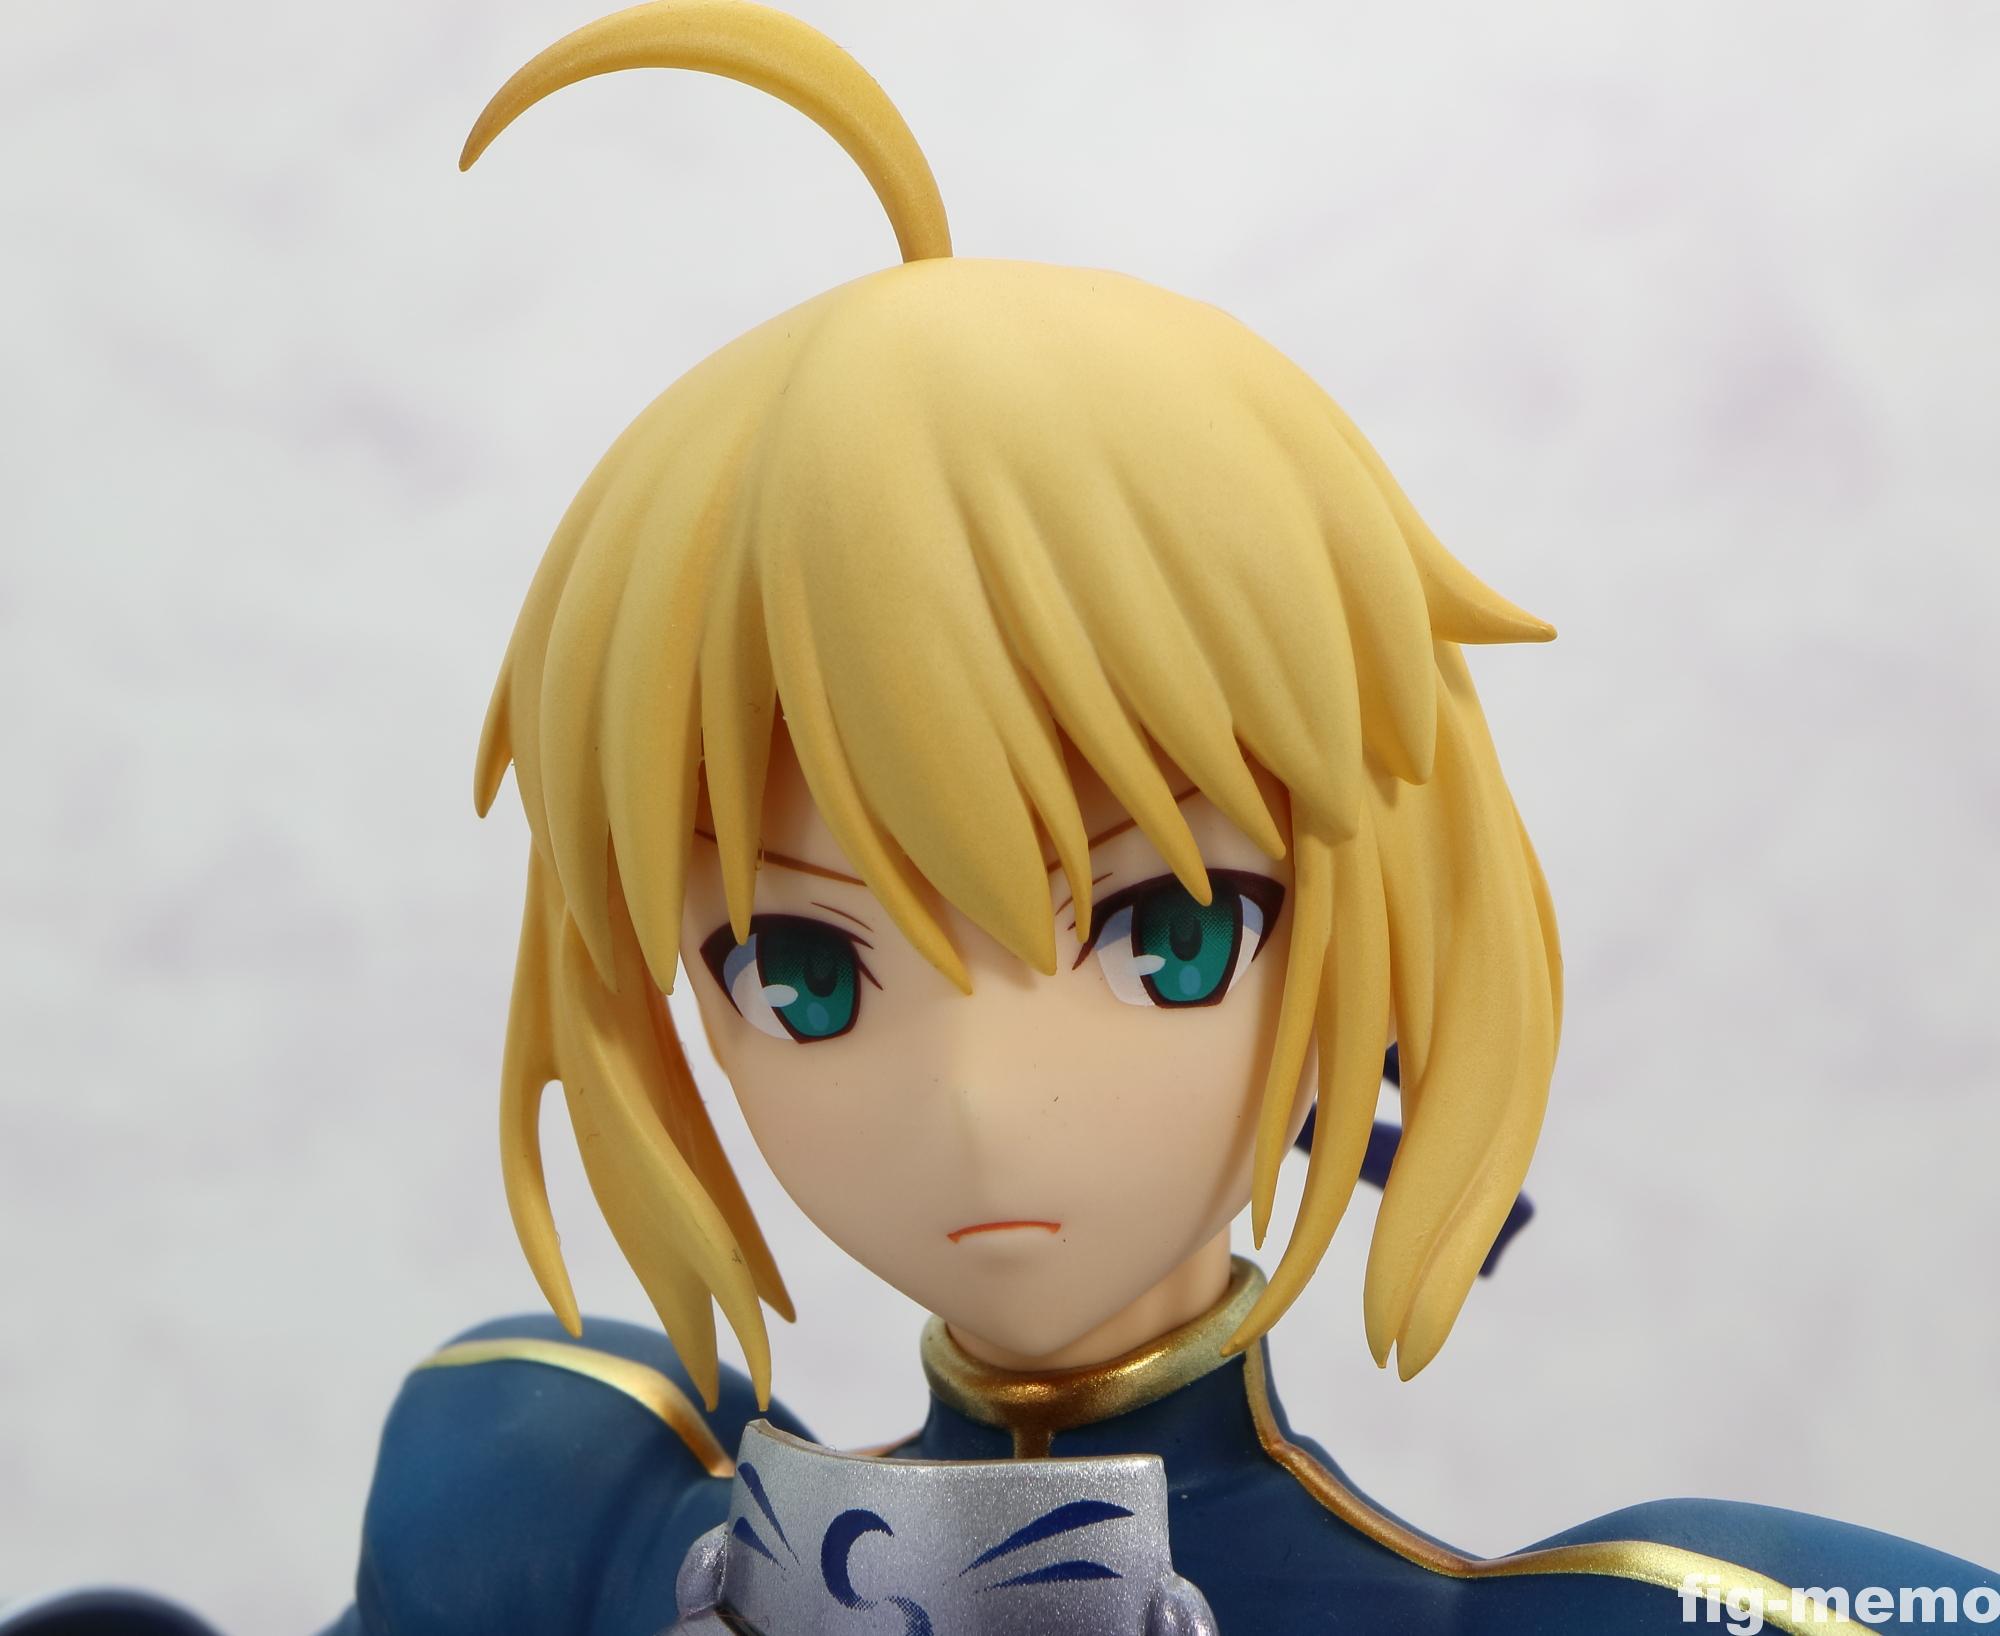 【フィギュアレビュー】ANIPLEX+「Fate/Grand Order セイバー/アルトリア・ペンドラゴン 豪華版」